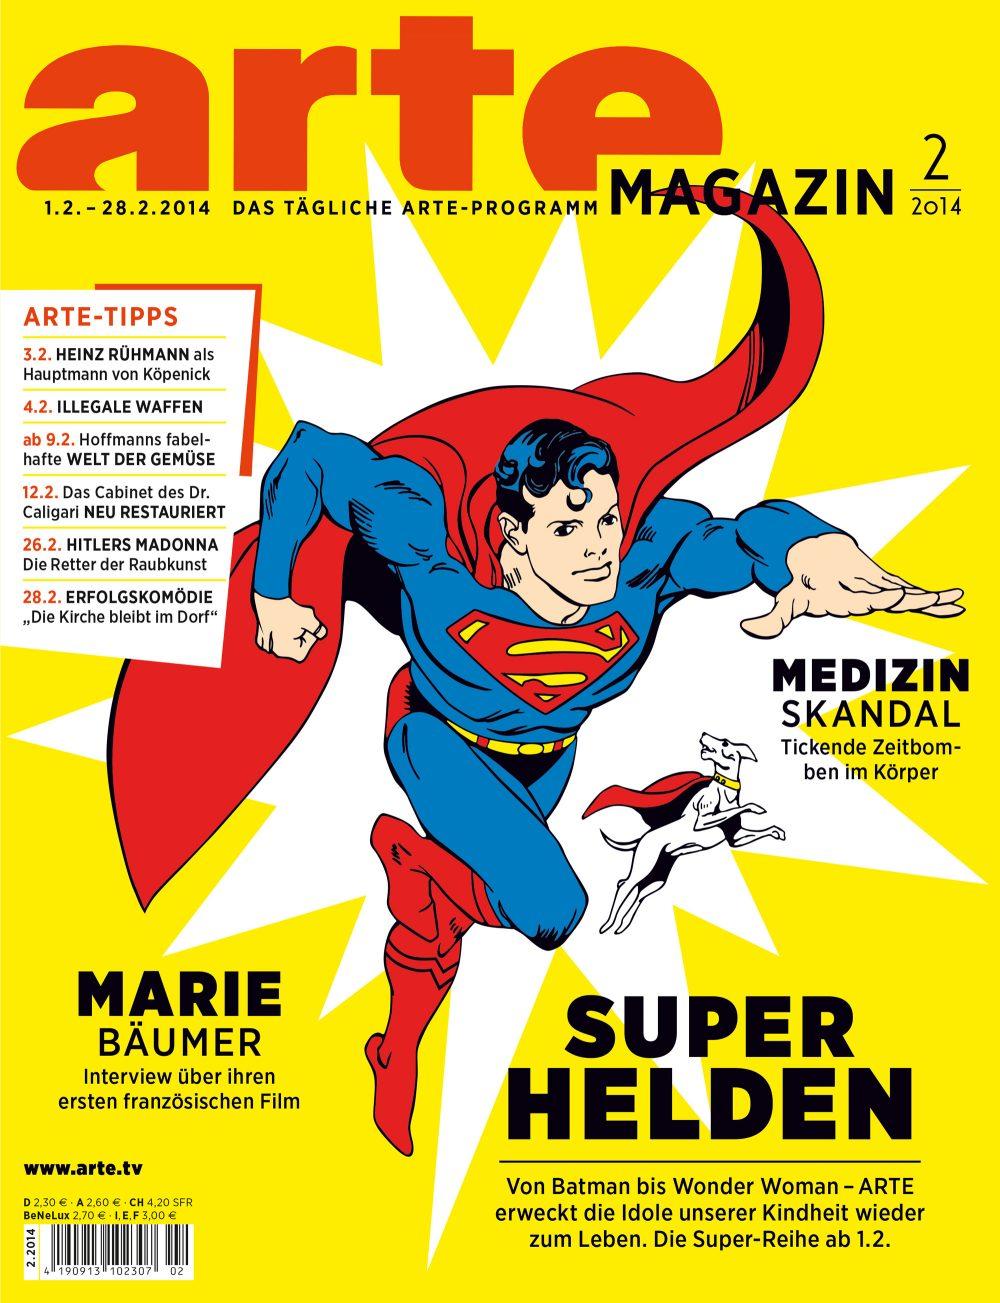 Die Februar-Ausgabe des Arte-Magazins.